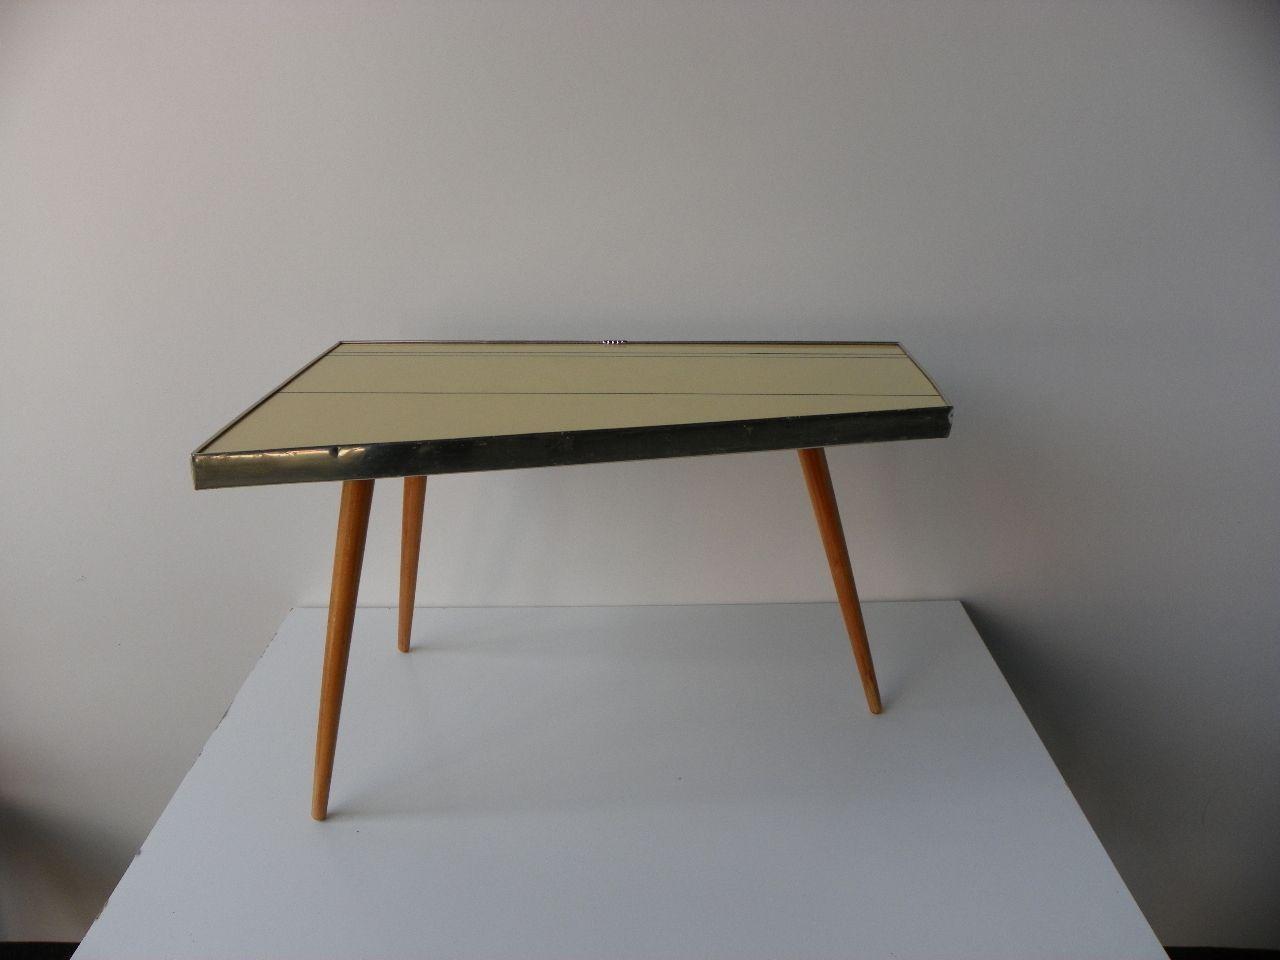 Tavolino tripode in legno di formica anni 39 60 in vendita for Tavolino anni 60 design